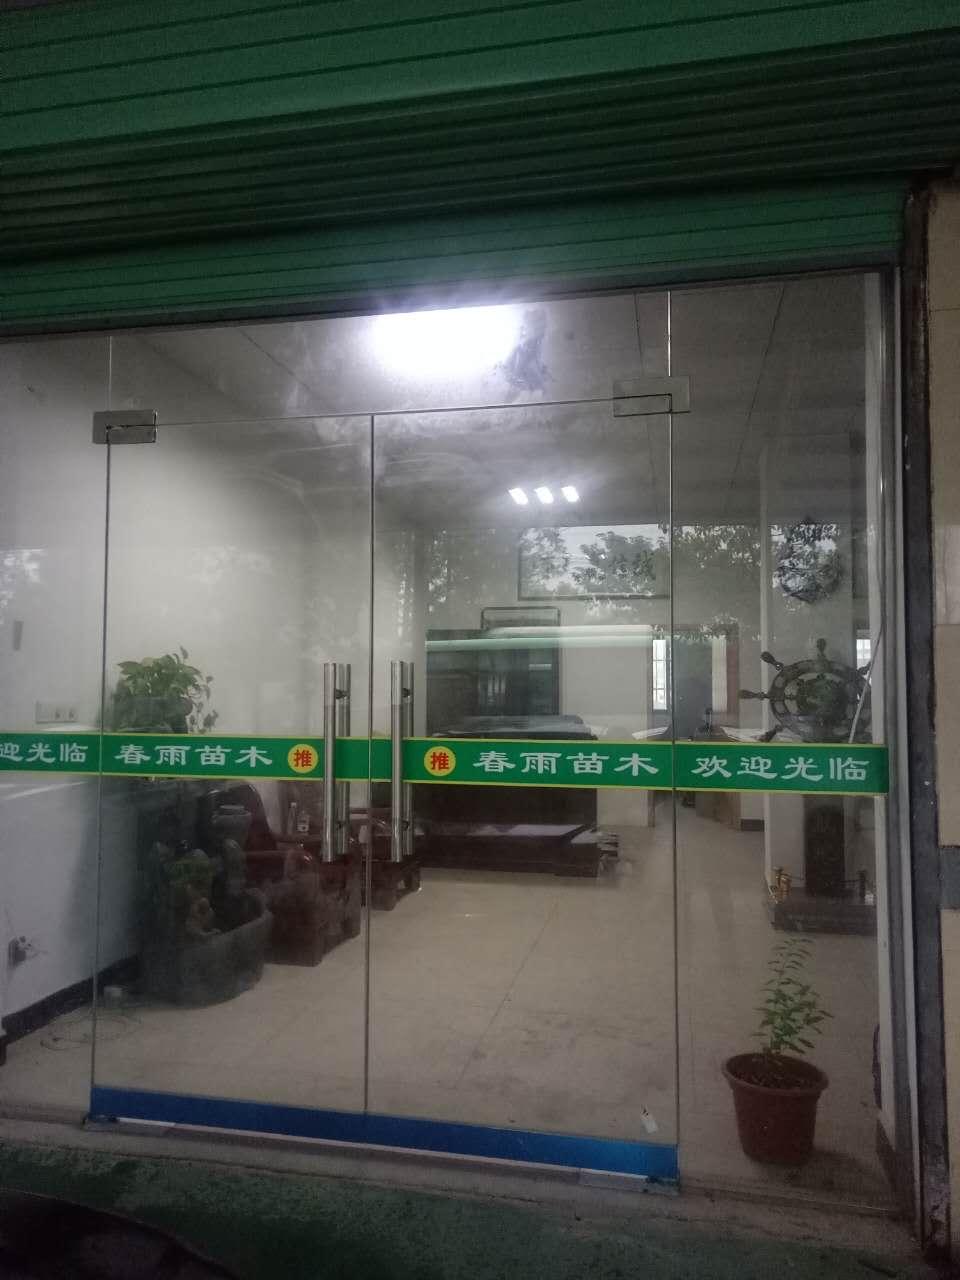 滁州市南谯区春雨苗木专业合作社